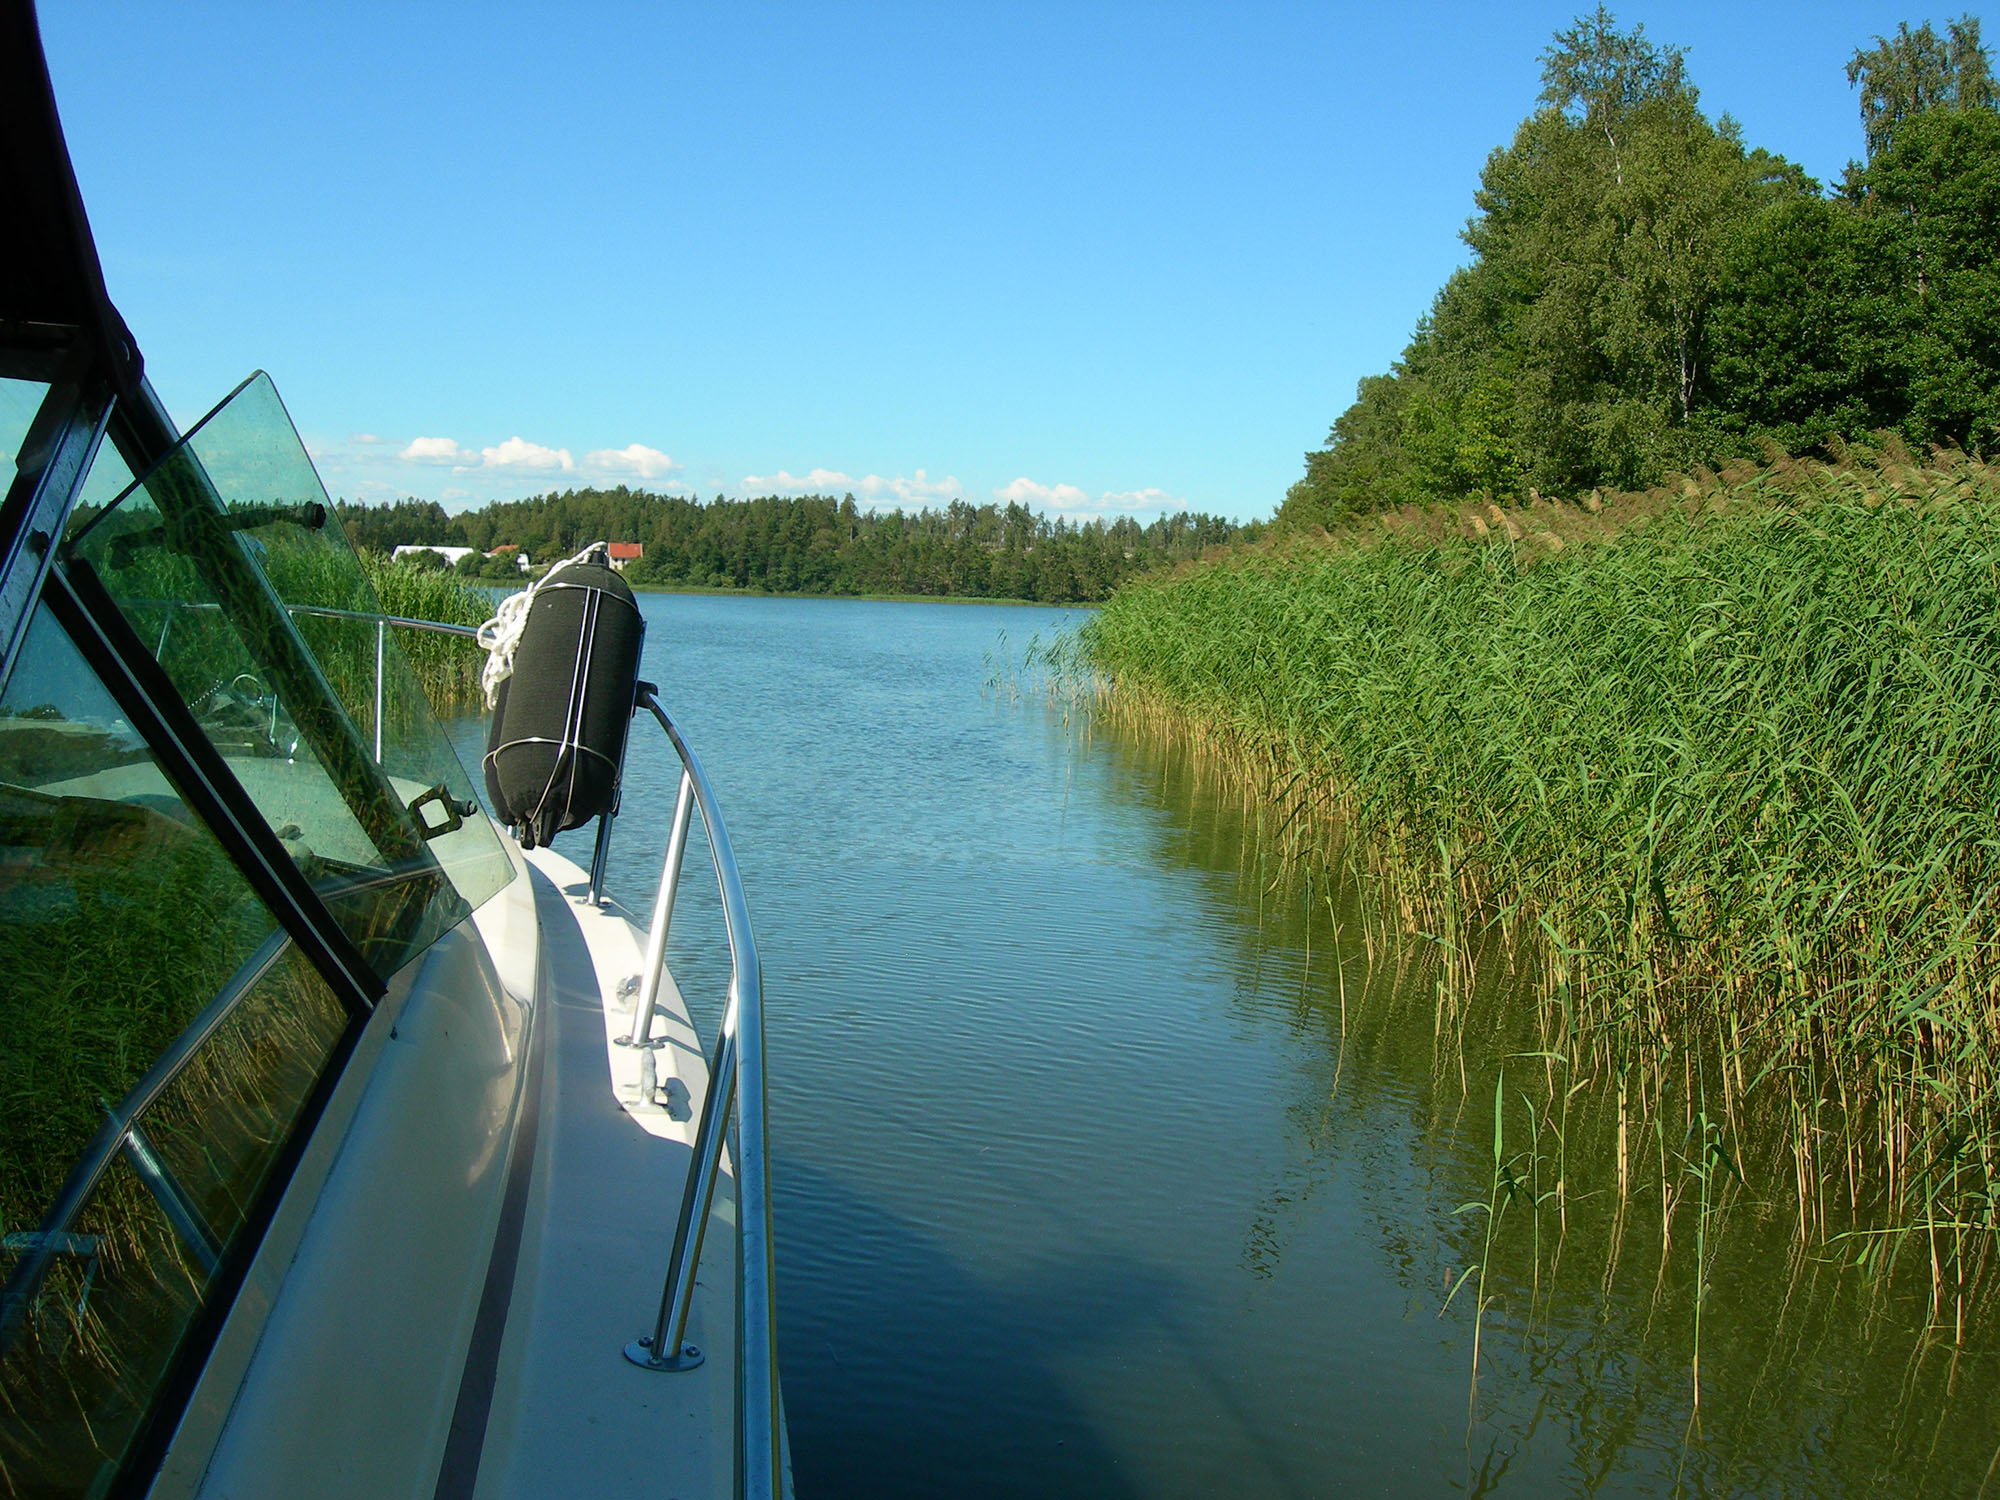 DSCN2968 båt x